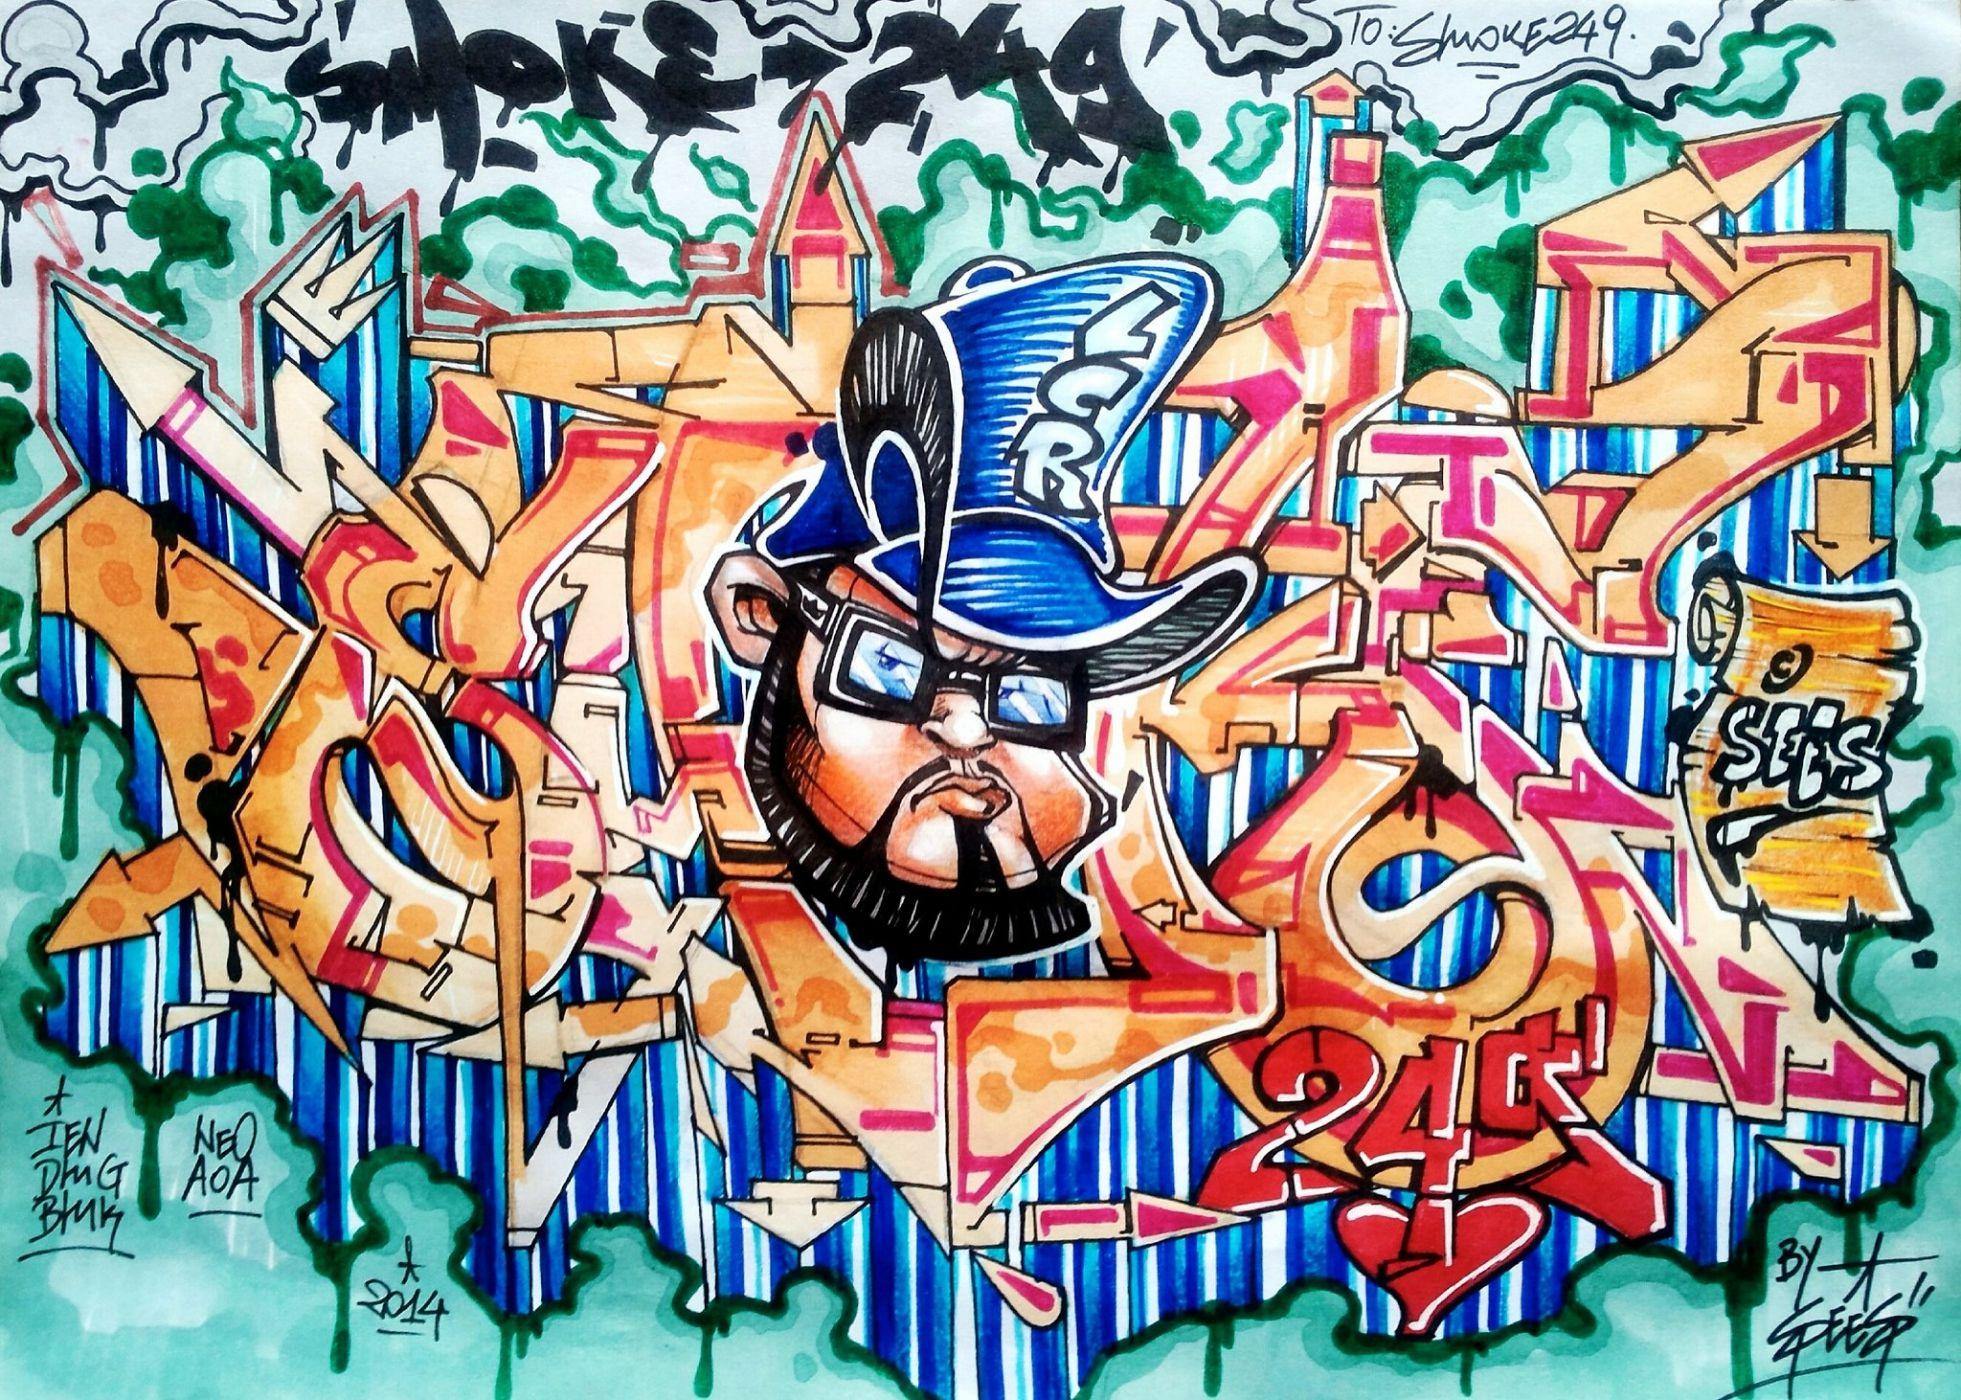 Картинки крутые граффити, горе